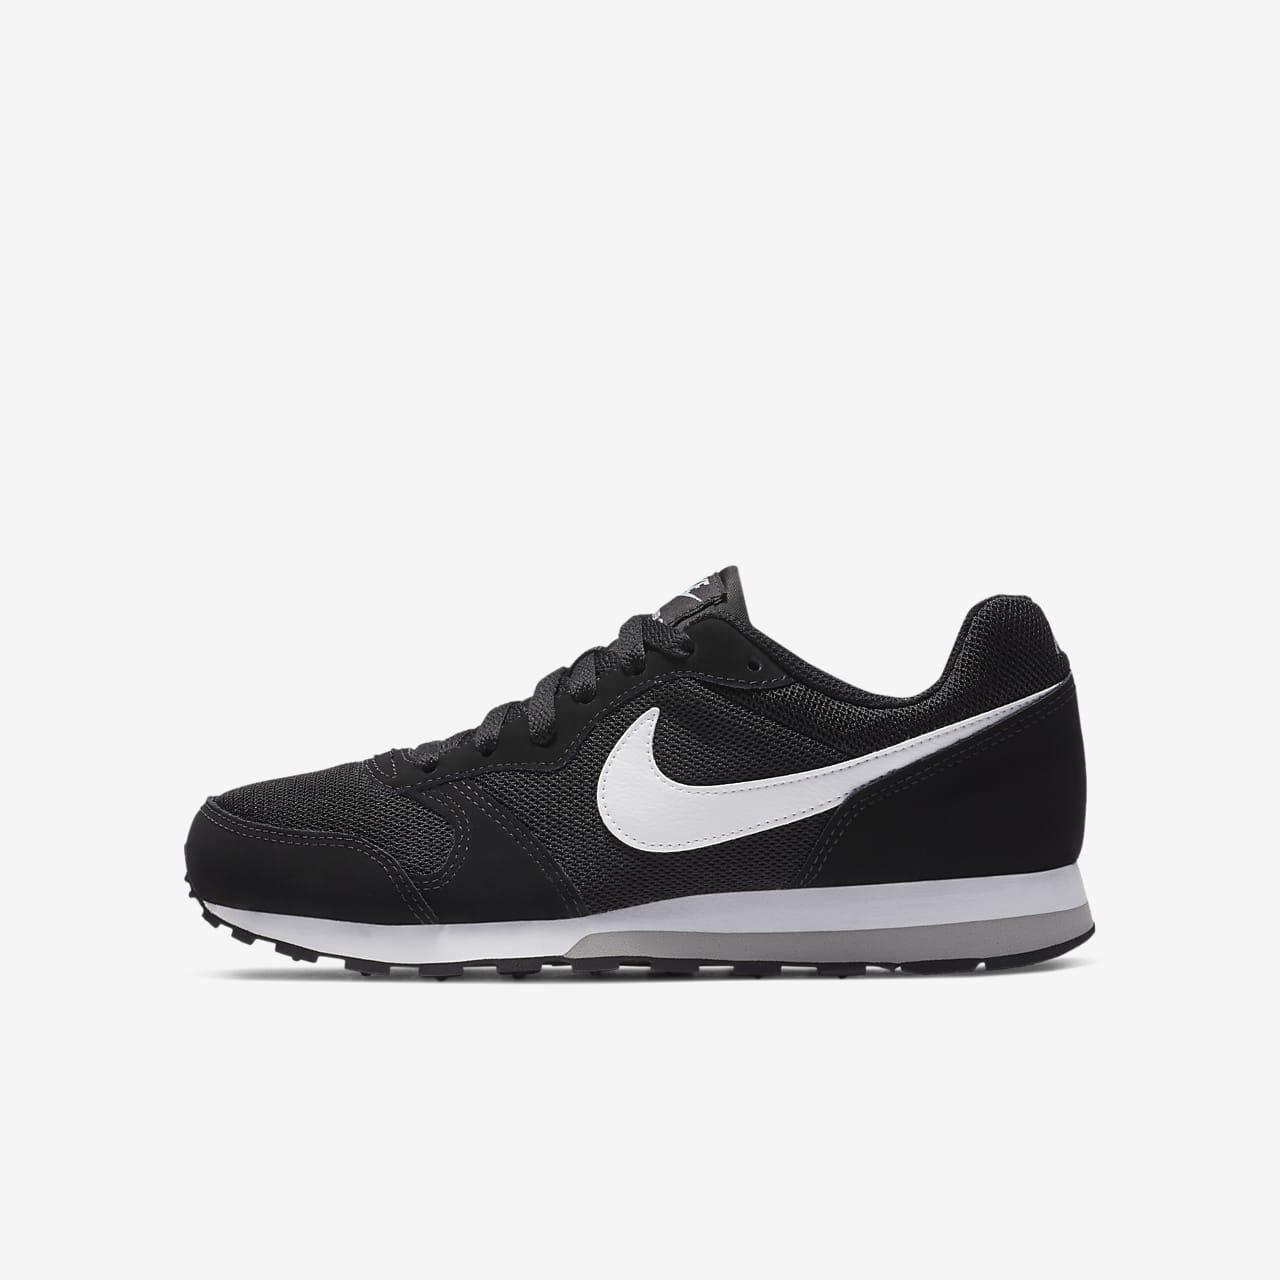 newest 3eec1 4f55b ... Nike MD Runner 2 Schuh für ältere Kinder